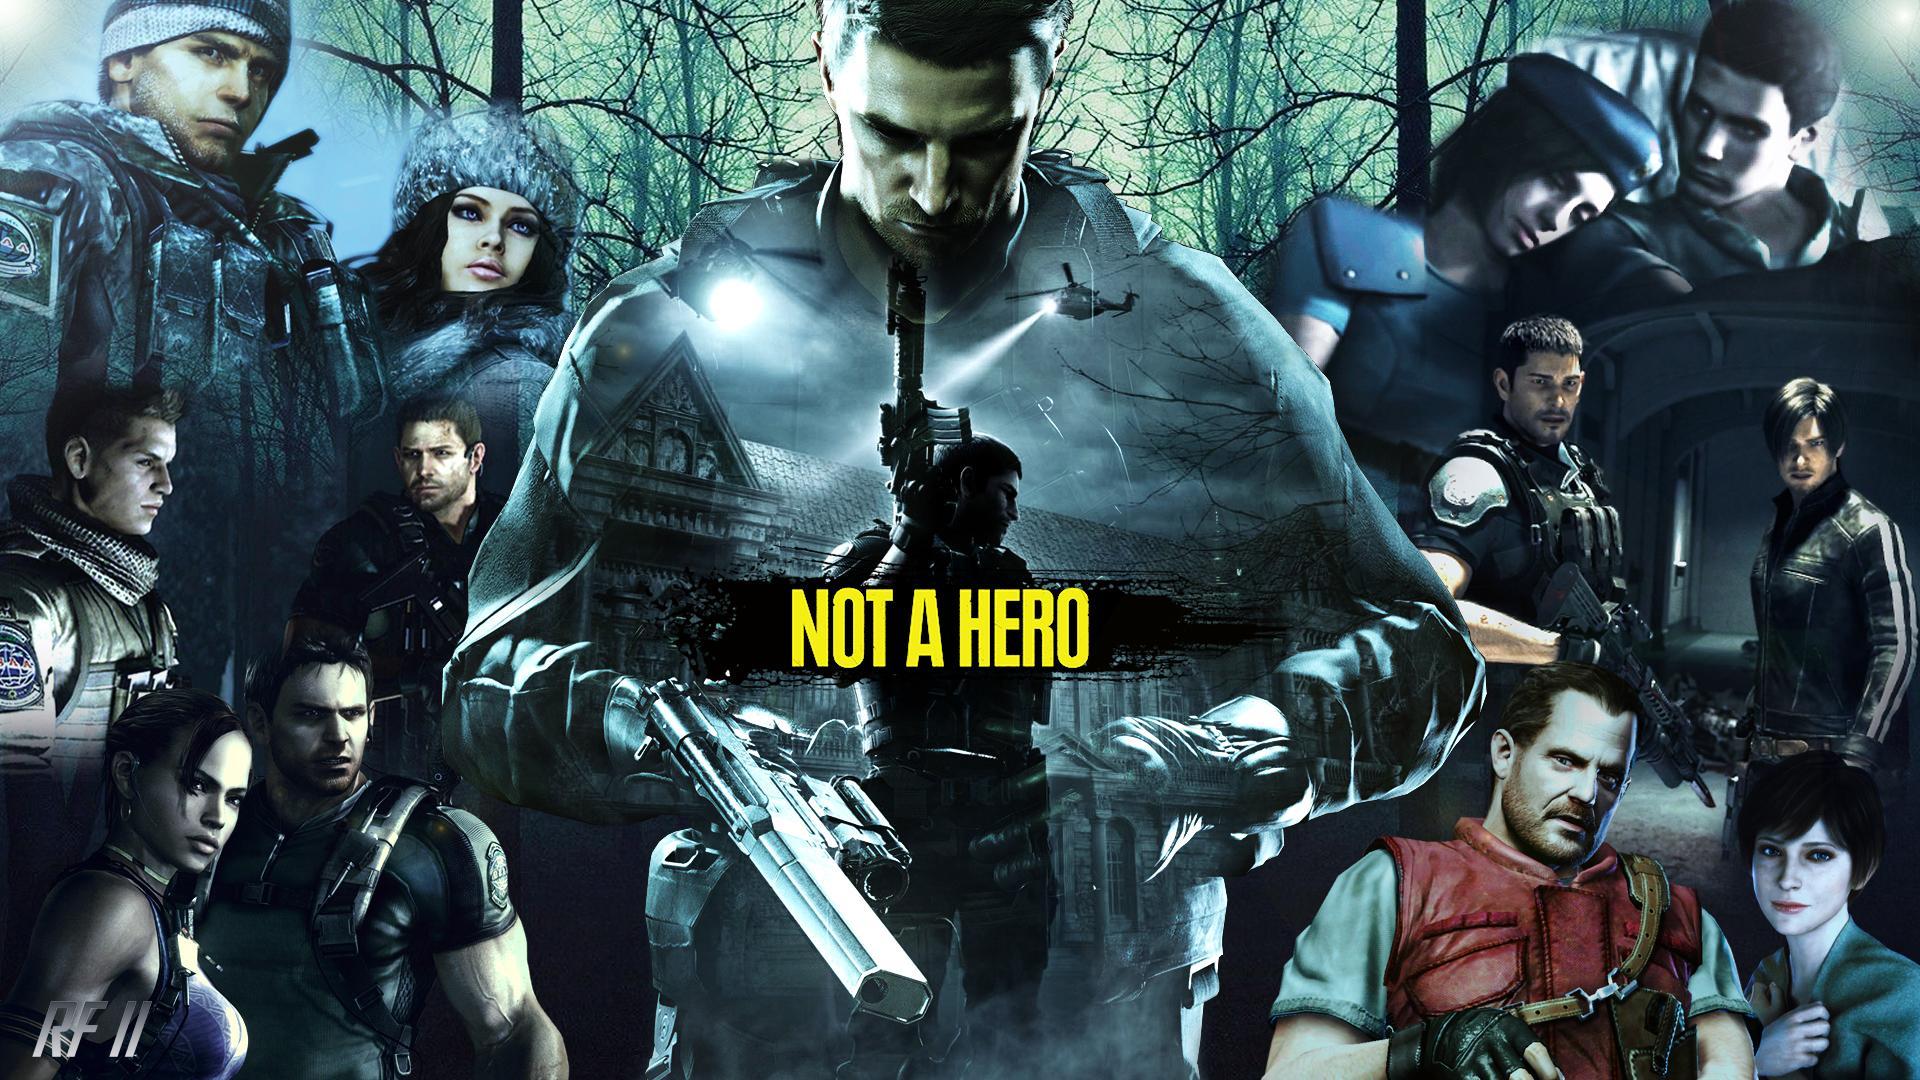 Chris Redfield Tribute Resident Evil 5 1563299 Hd